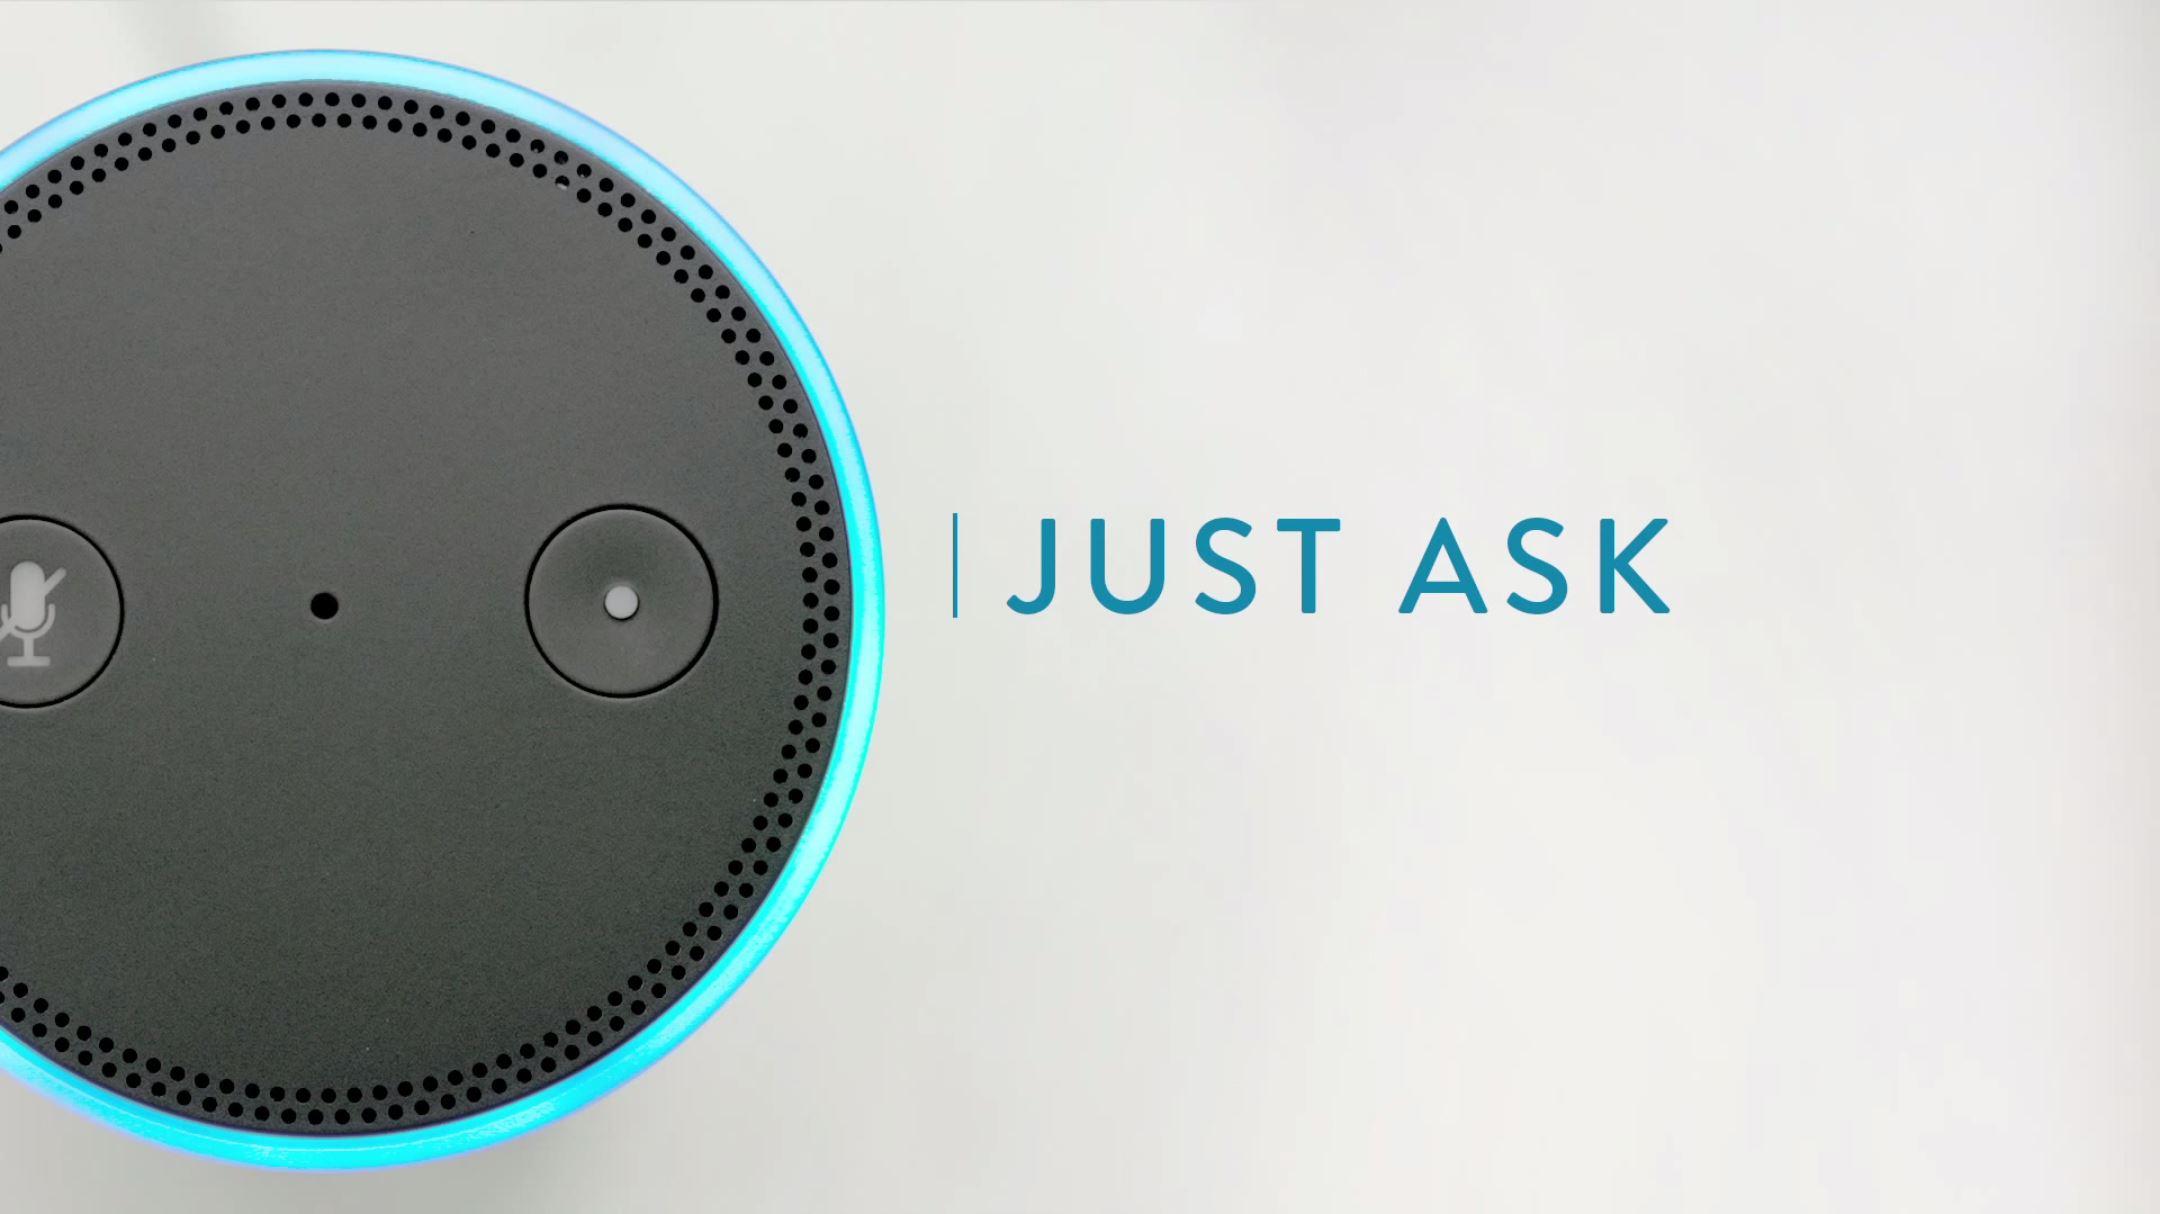 Amazon desea estar a la altura con lentes sencillos de usar y funcionales con Alexa